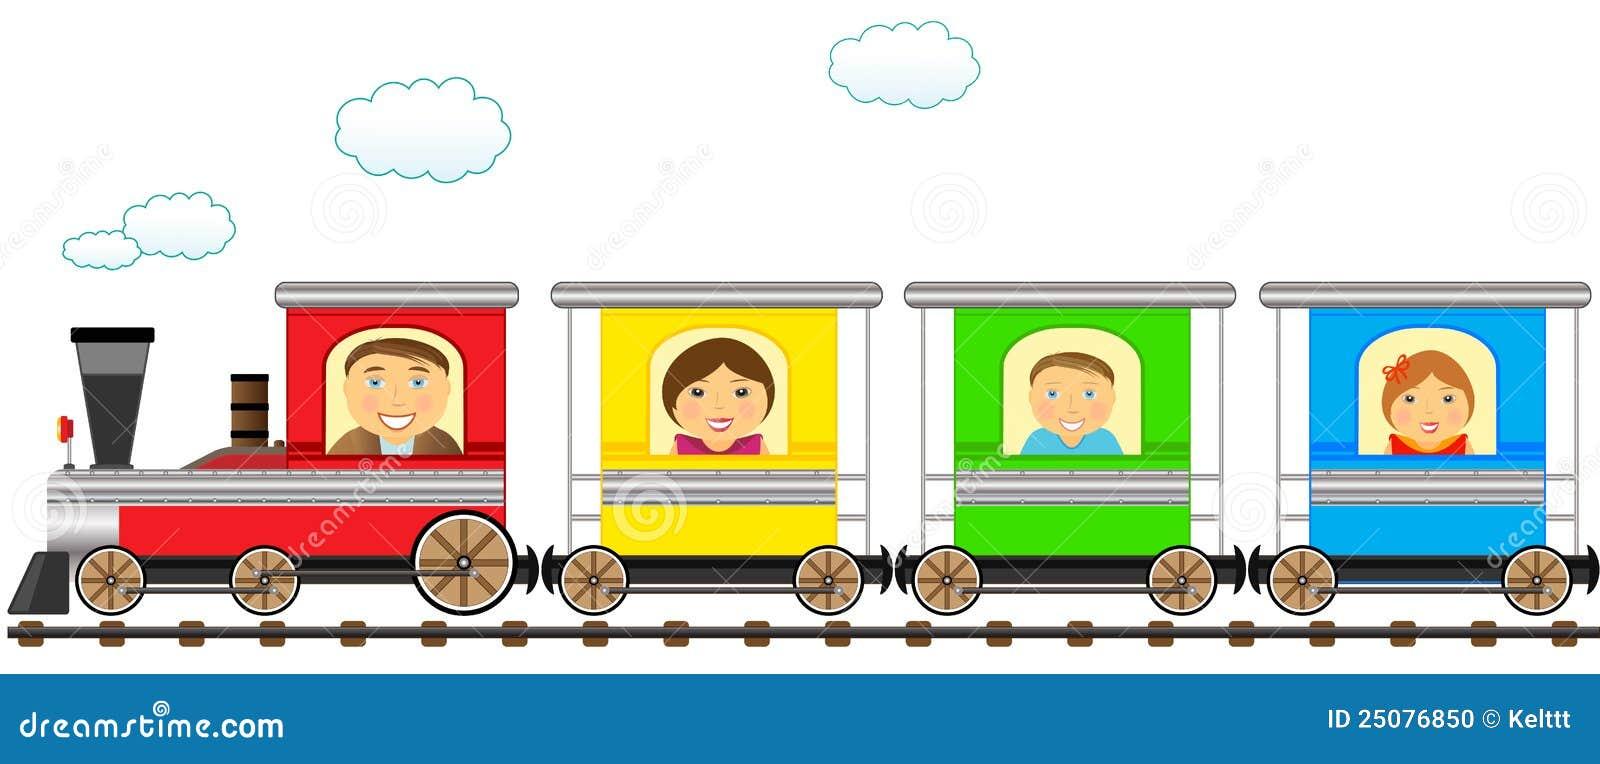 Cute cartoon trains